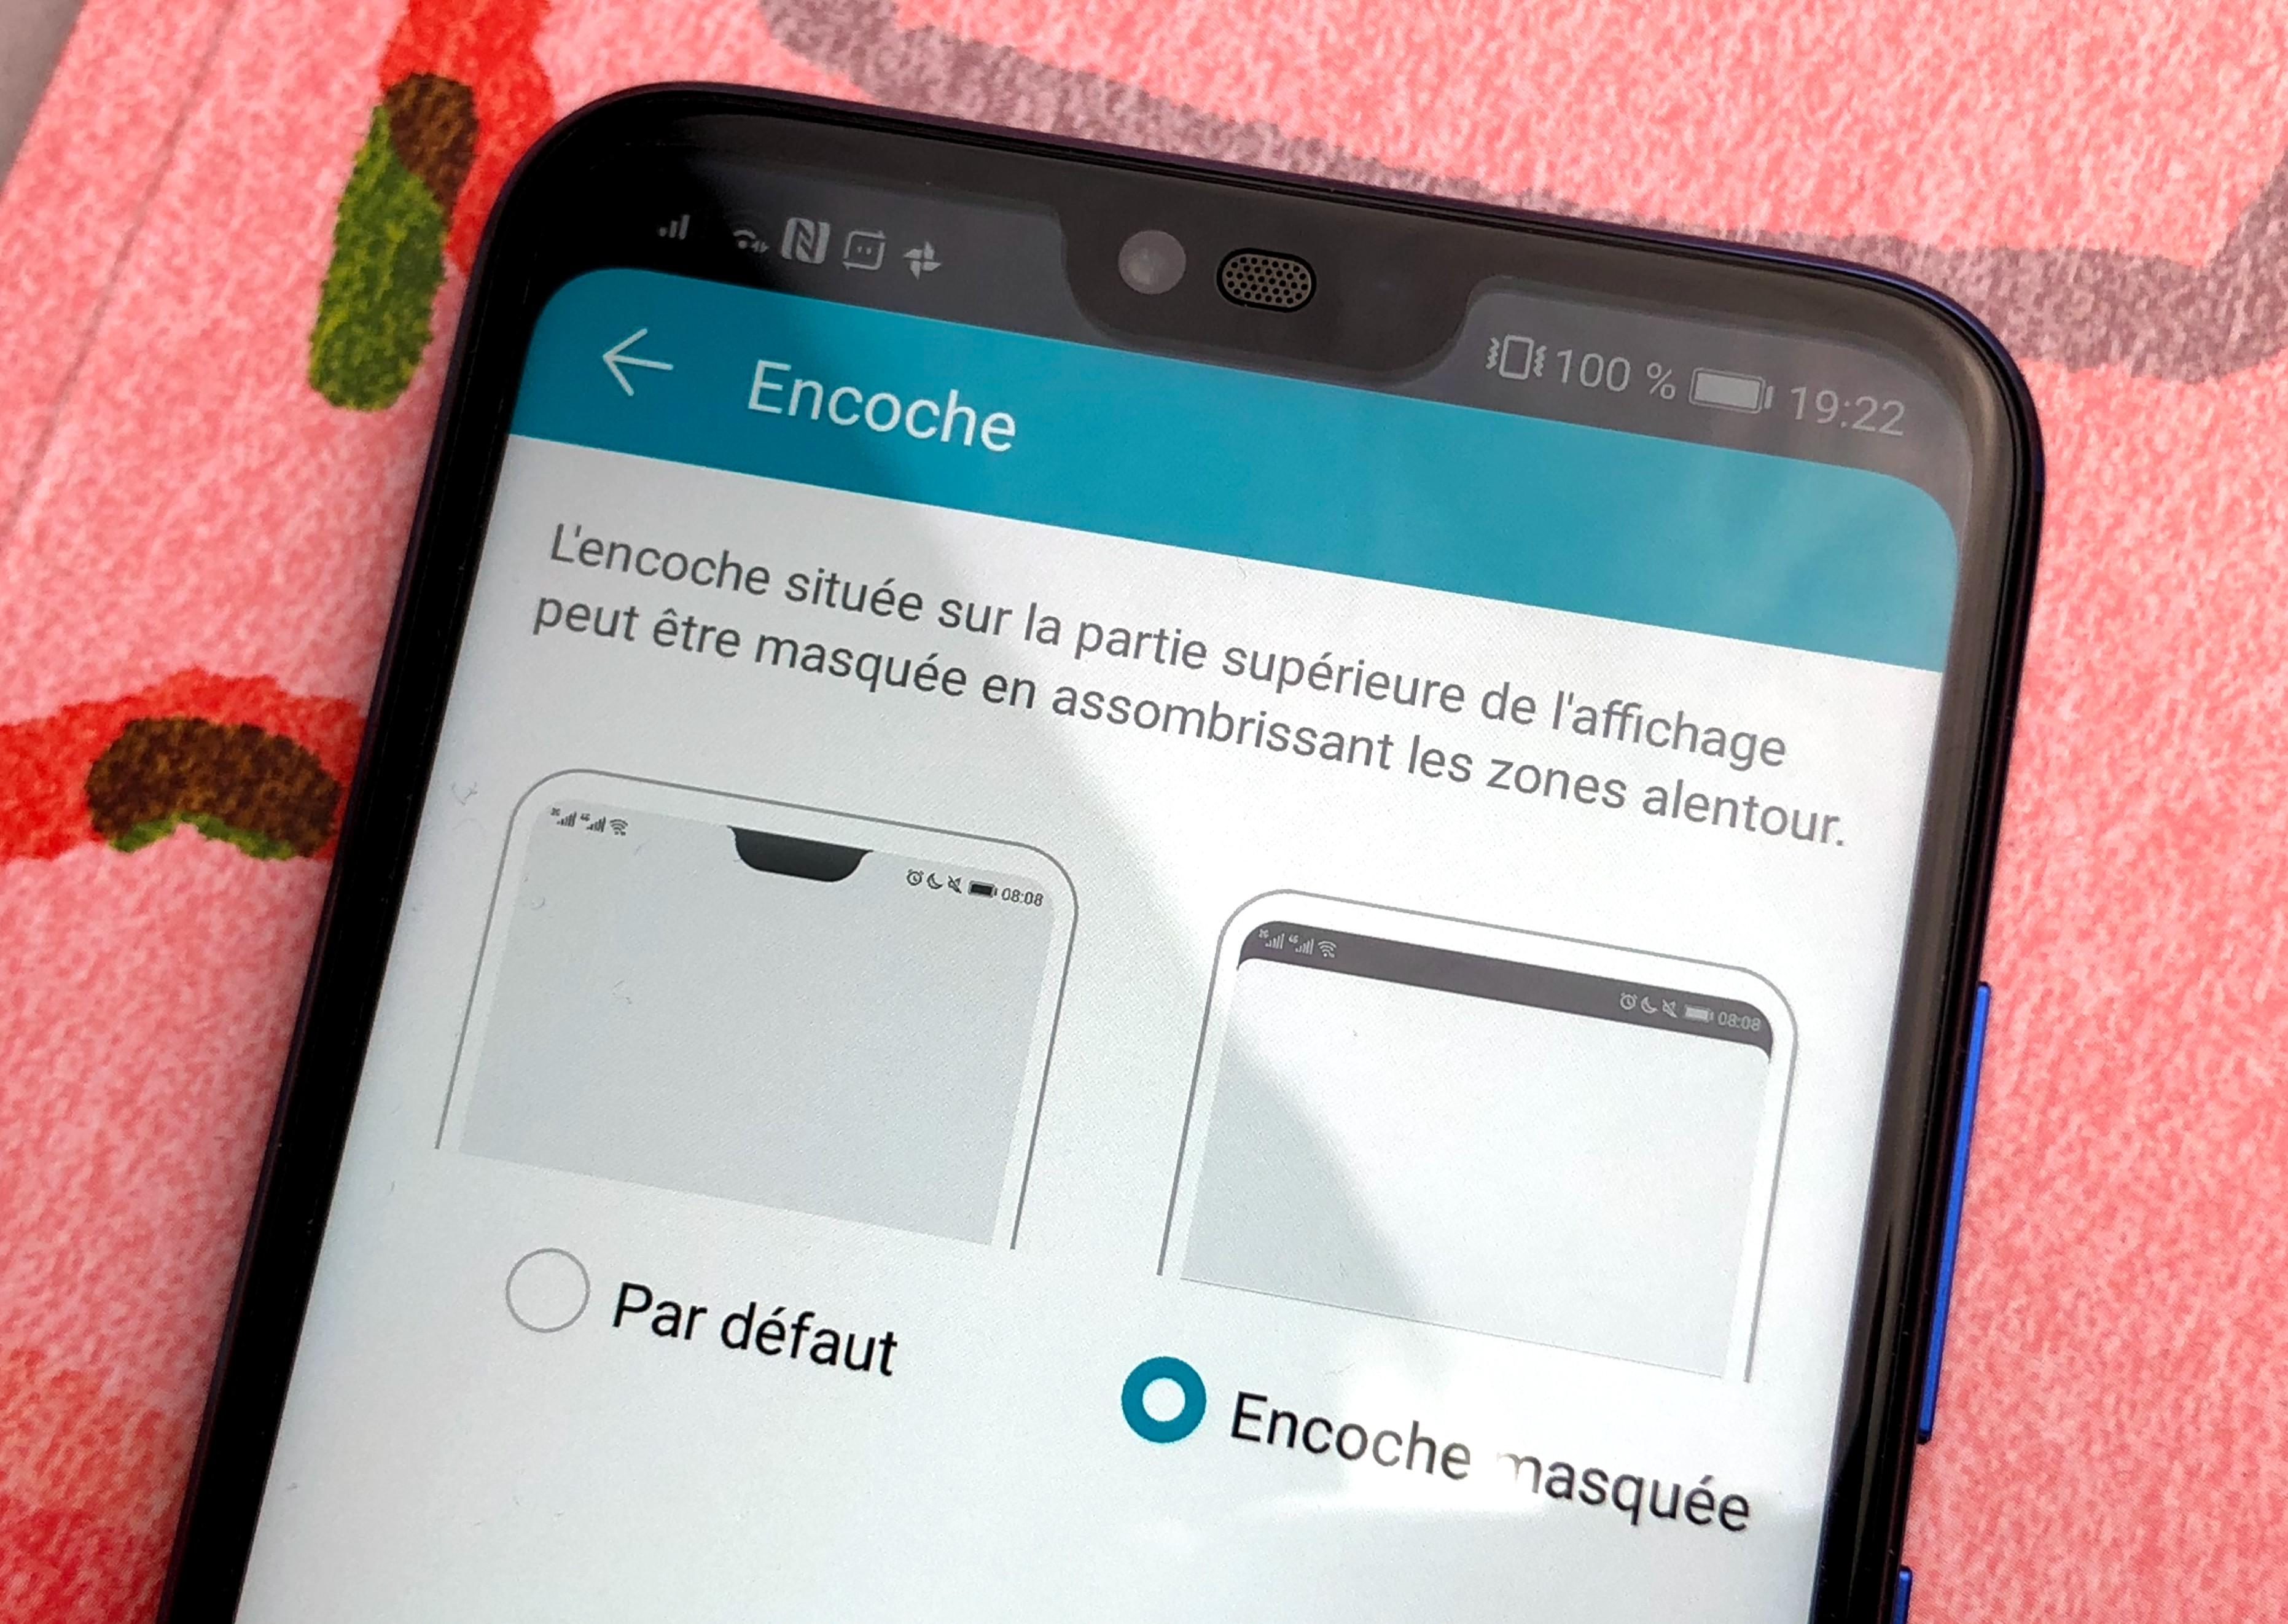 Honor lance son smartphone haut de gamme... à moins de 400 euros